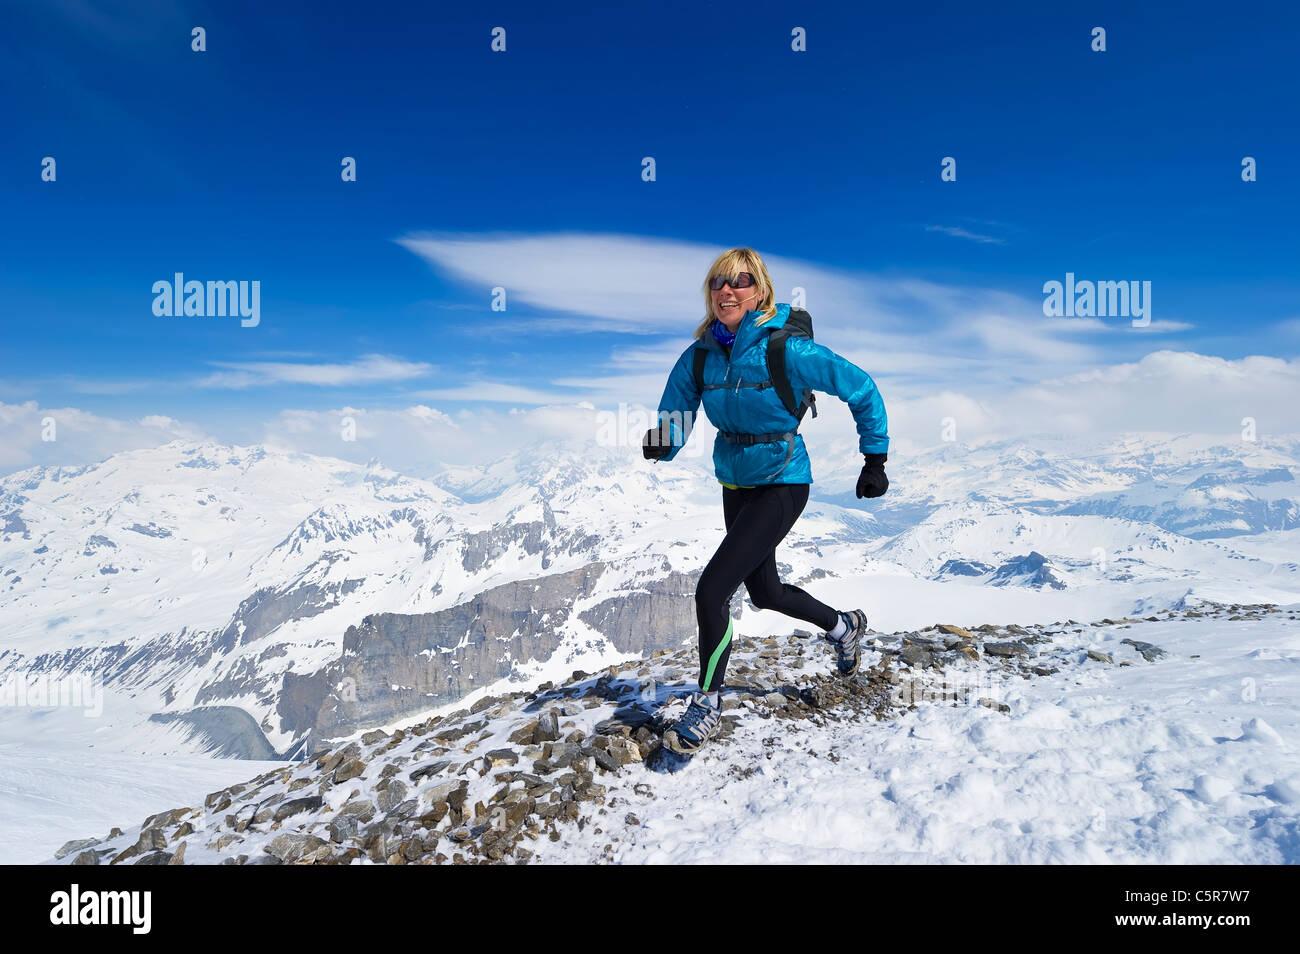 Frauen genießen einen Lauf über einen verschneiten alpinen Gebirge. Stockbild